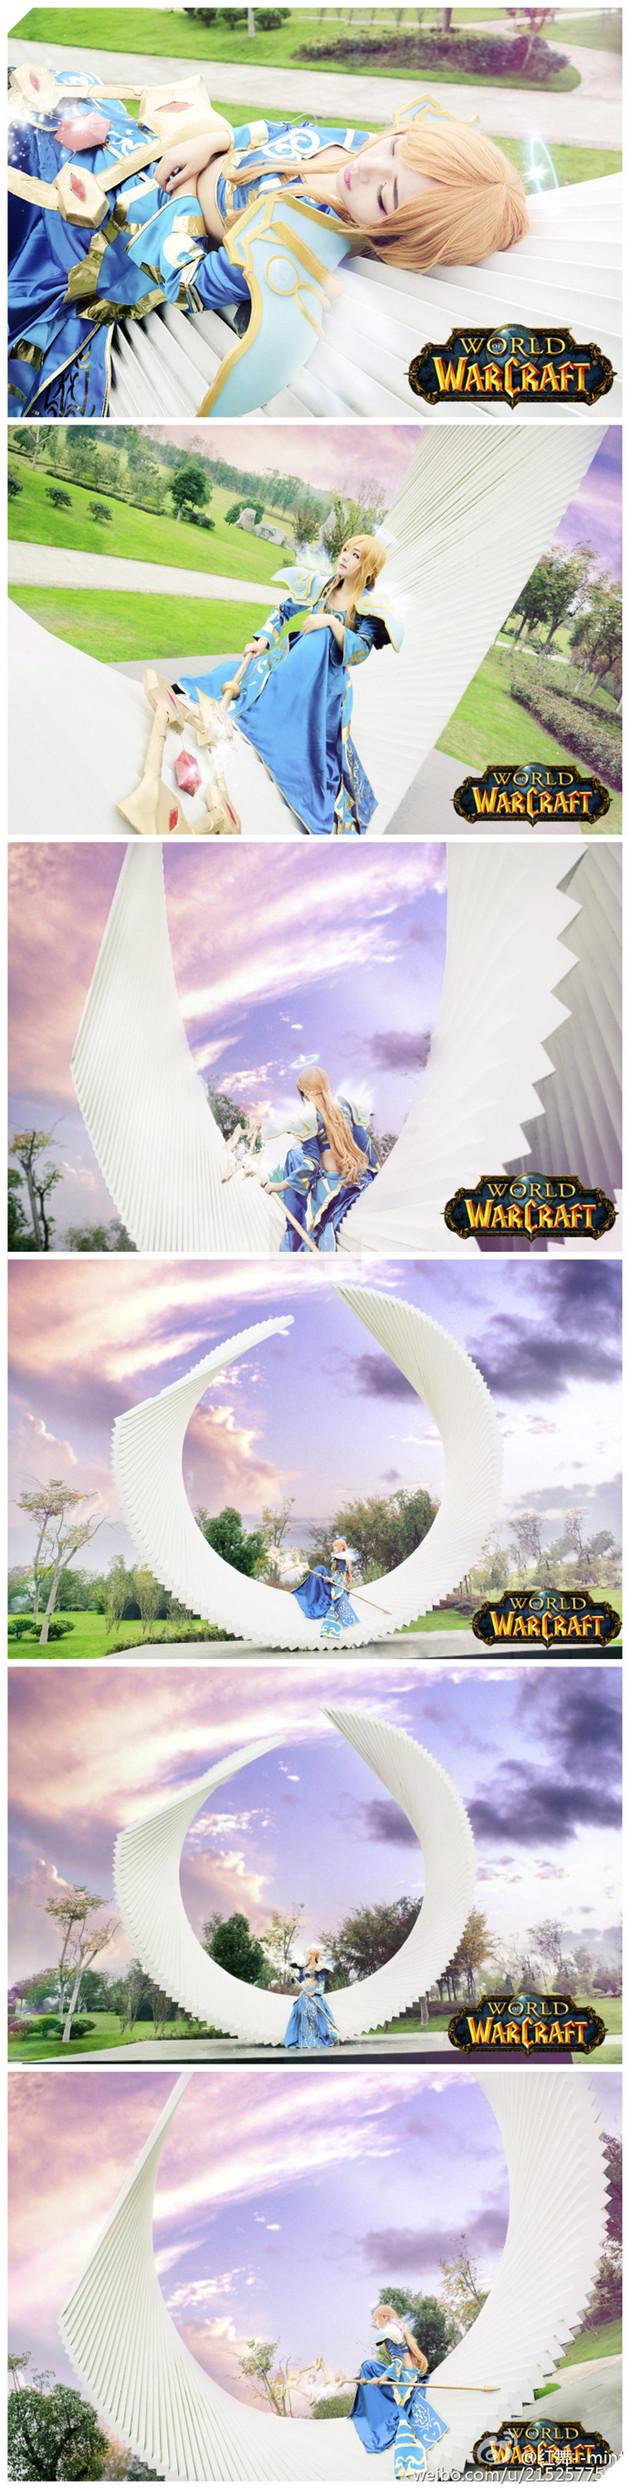 Cosplay World of WarCraft tuyệt đẹp khiến bạn không khỏi ngỡ ngàng